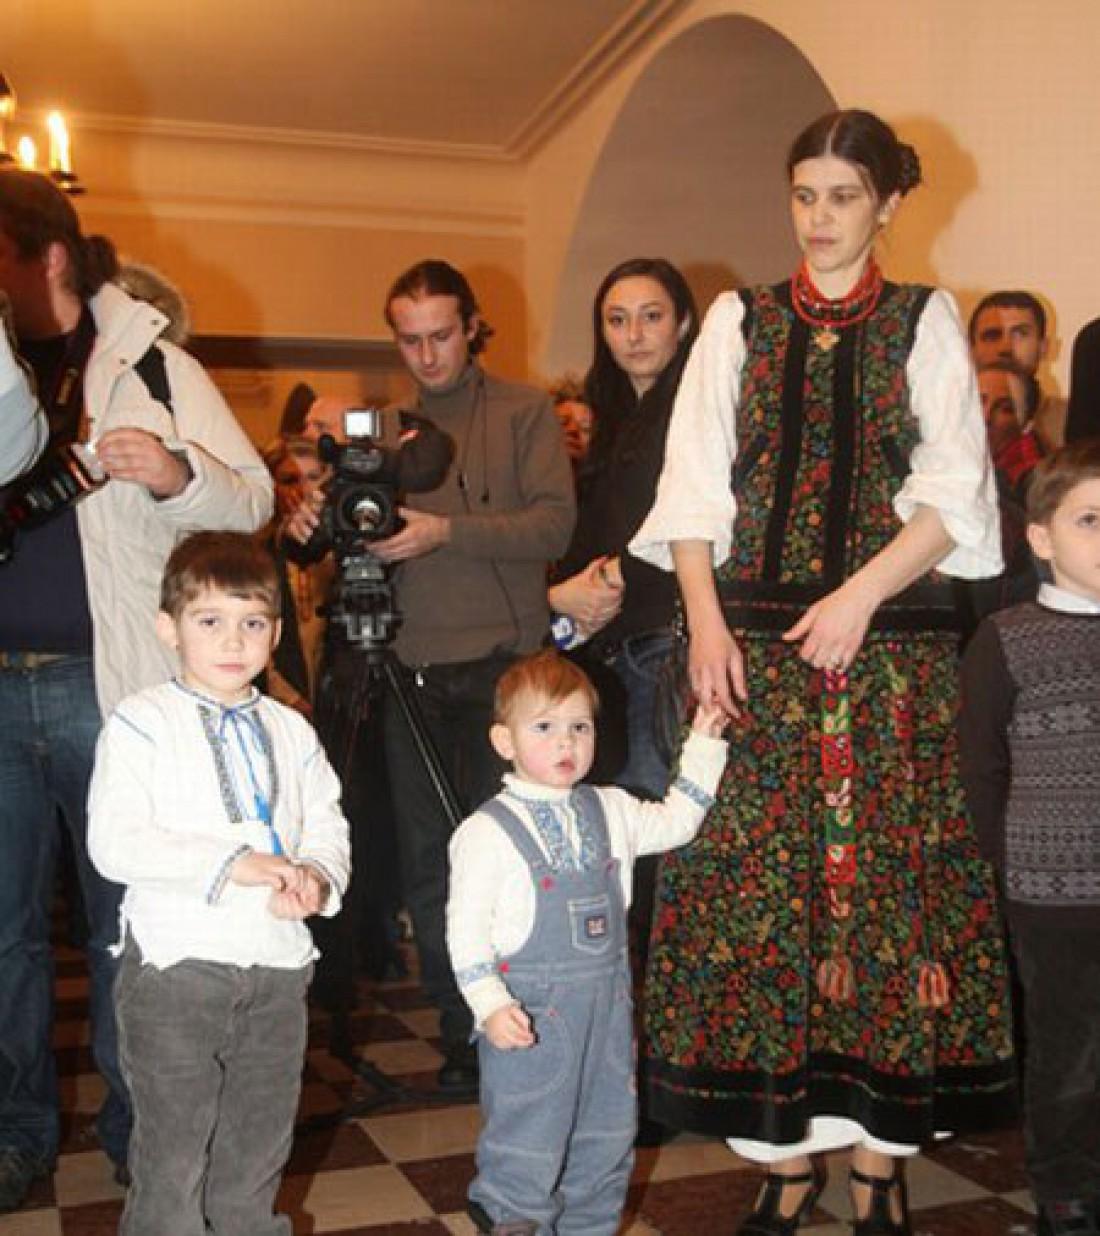 Жена Олега Скрипки выбирает одежду в украинском стиле